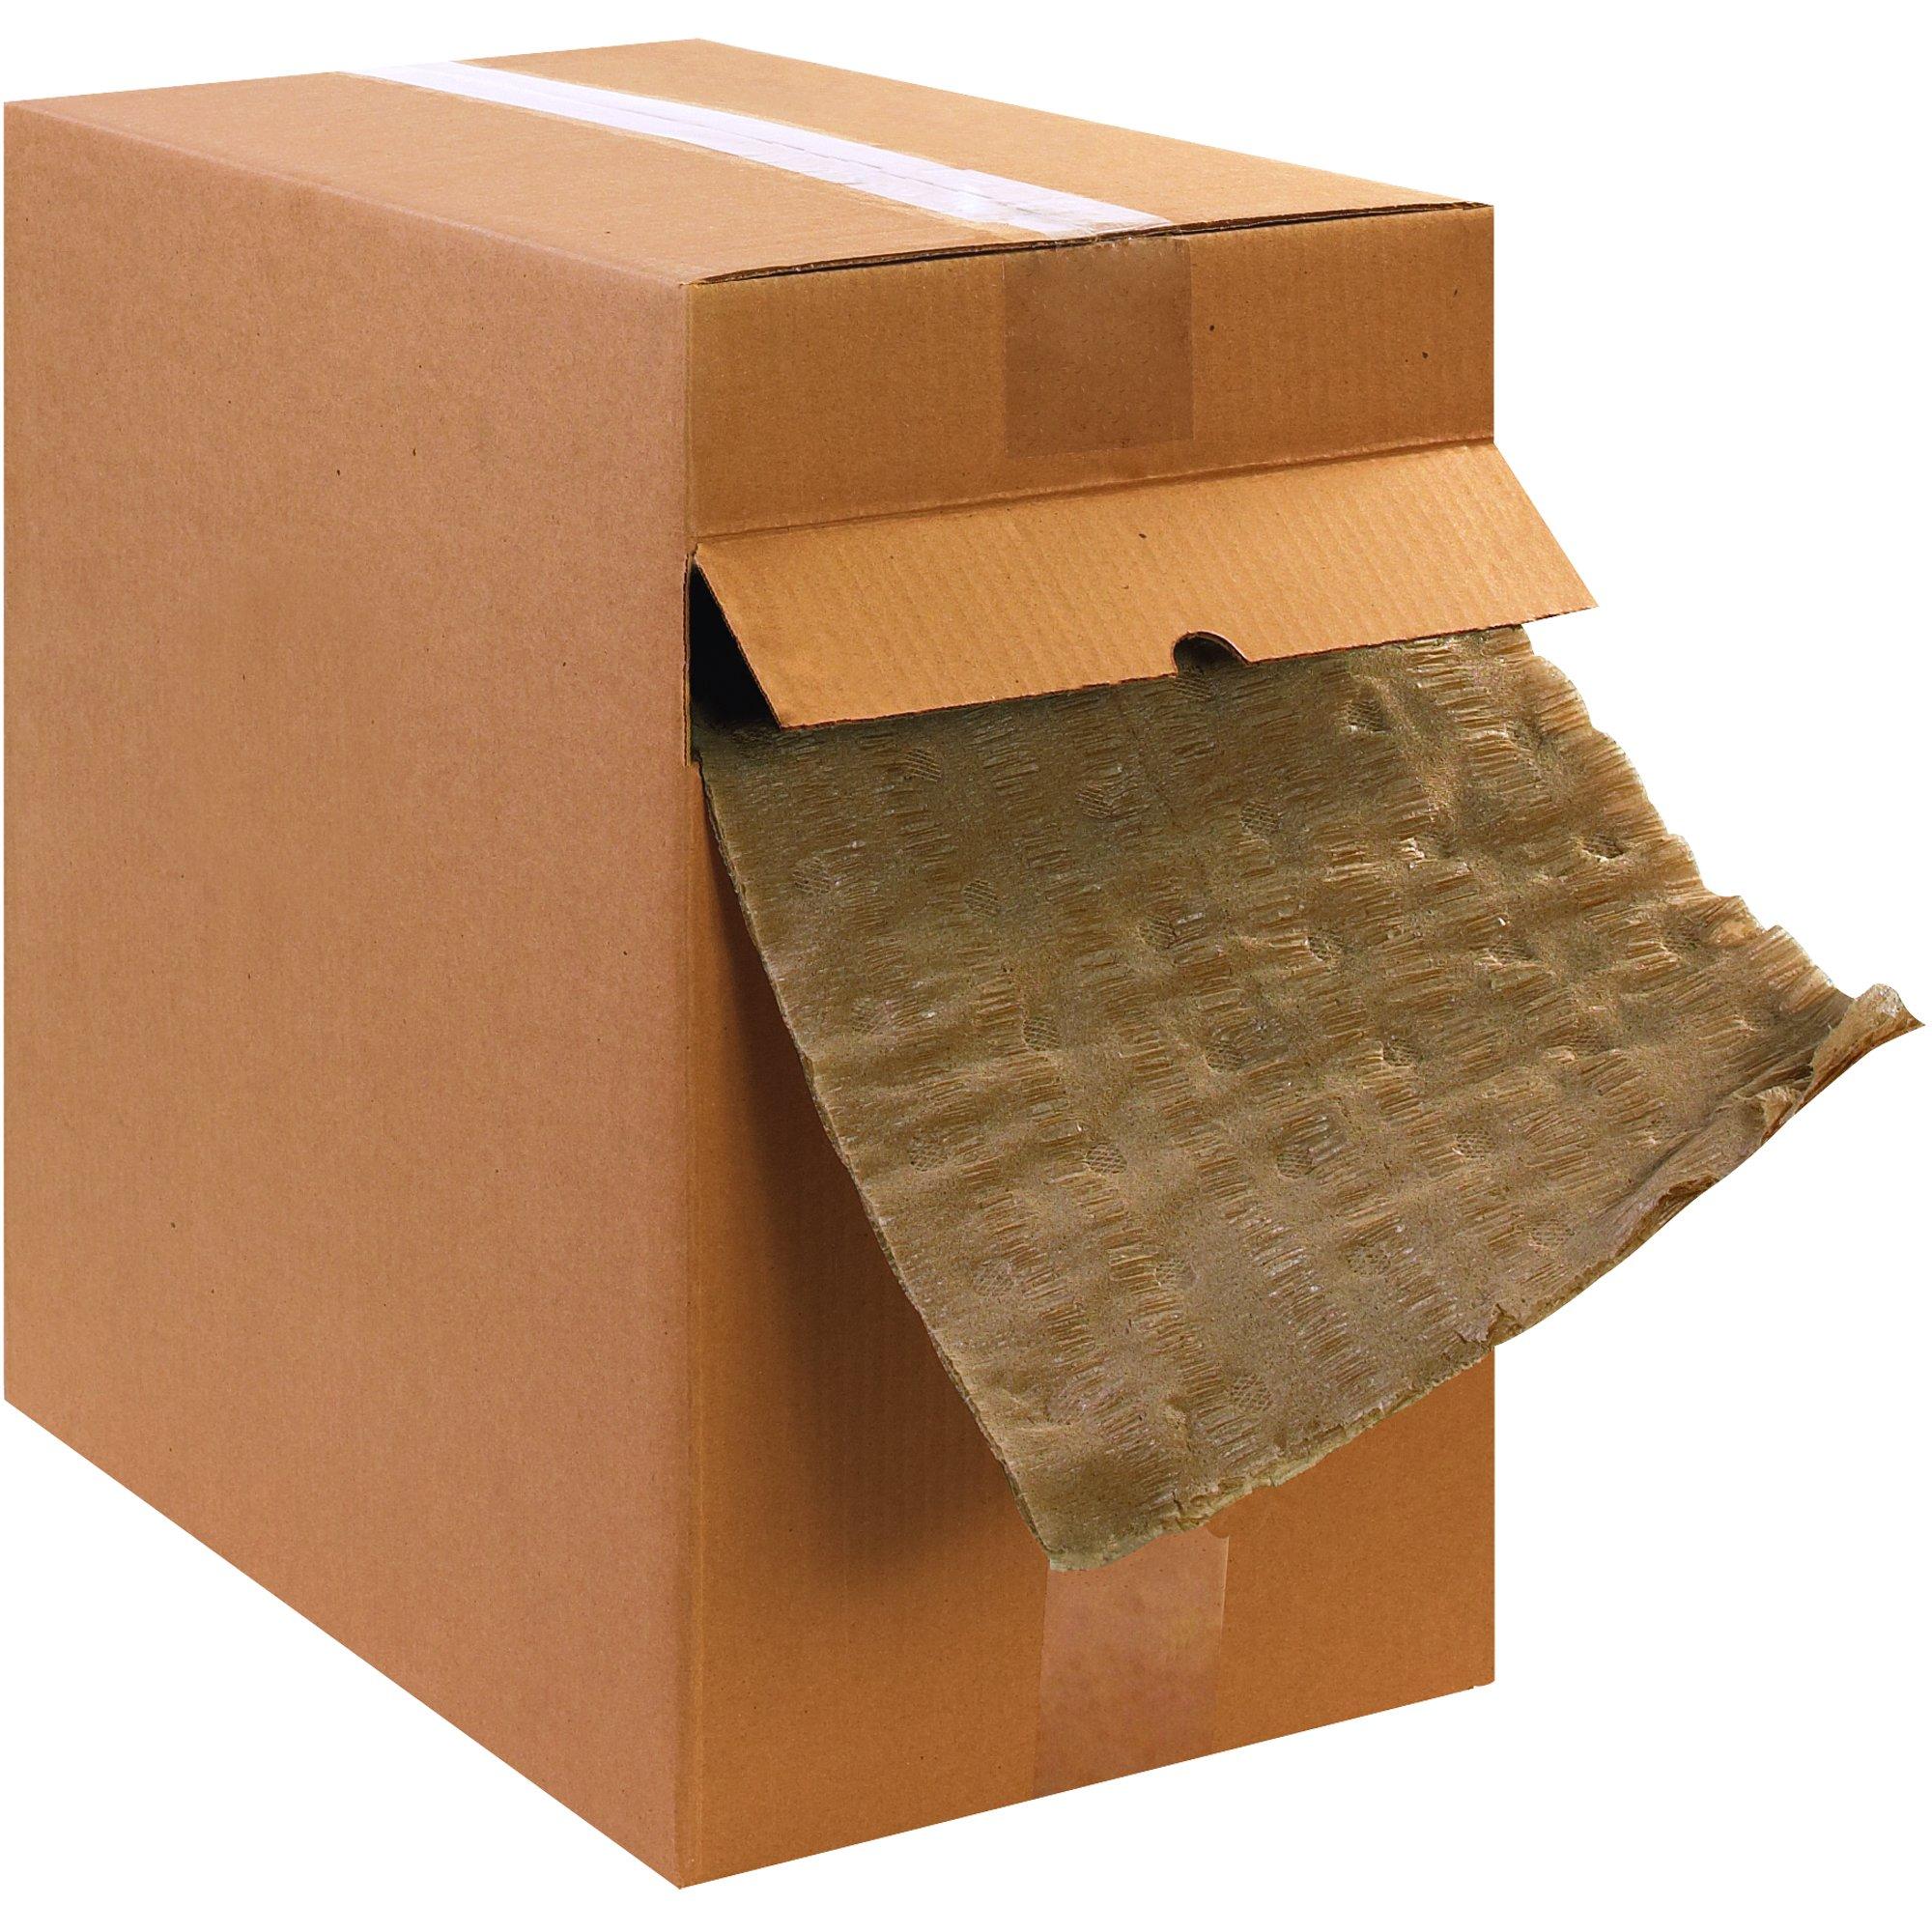 BOX USA BKIMDIS12 Versa-Pak Cellulose Wadding Dispenser Pack, 12'' x 200', Kraft (1 Each) by BOX USA